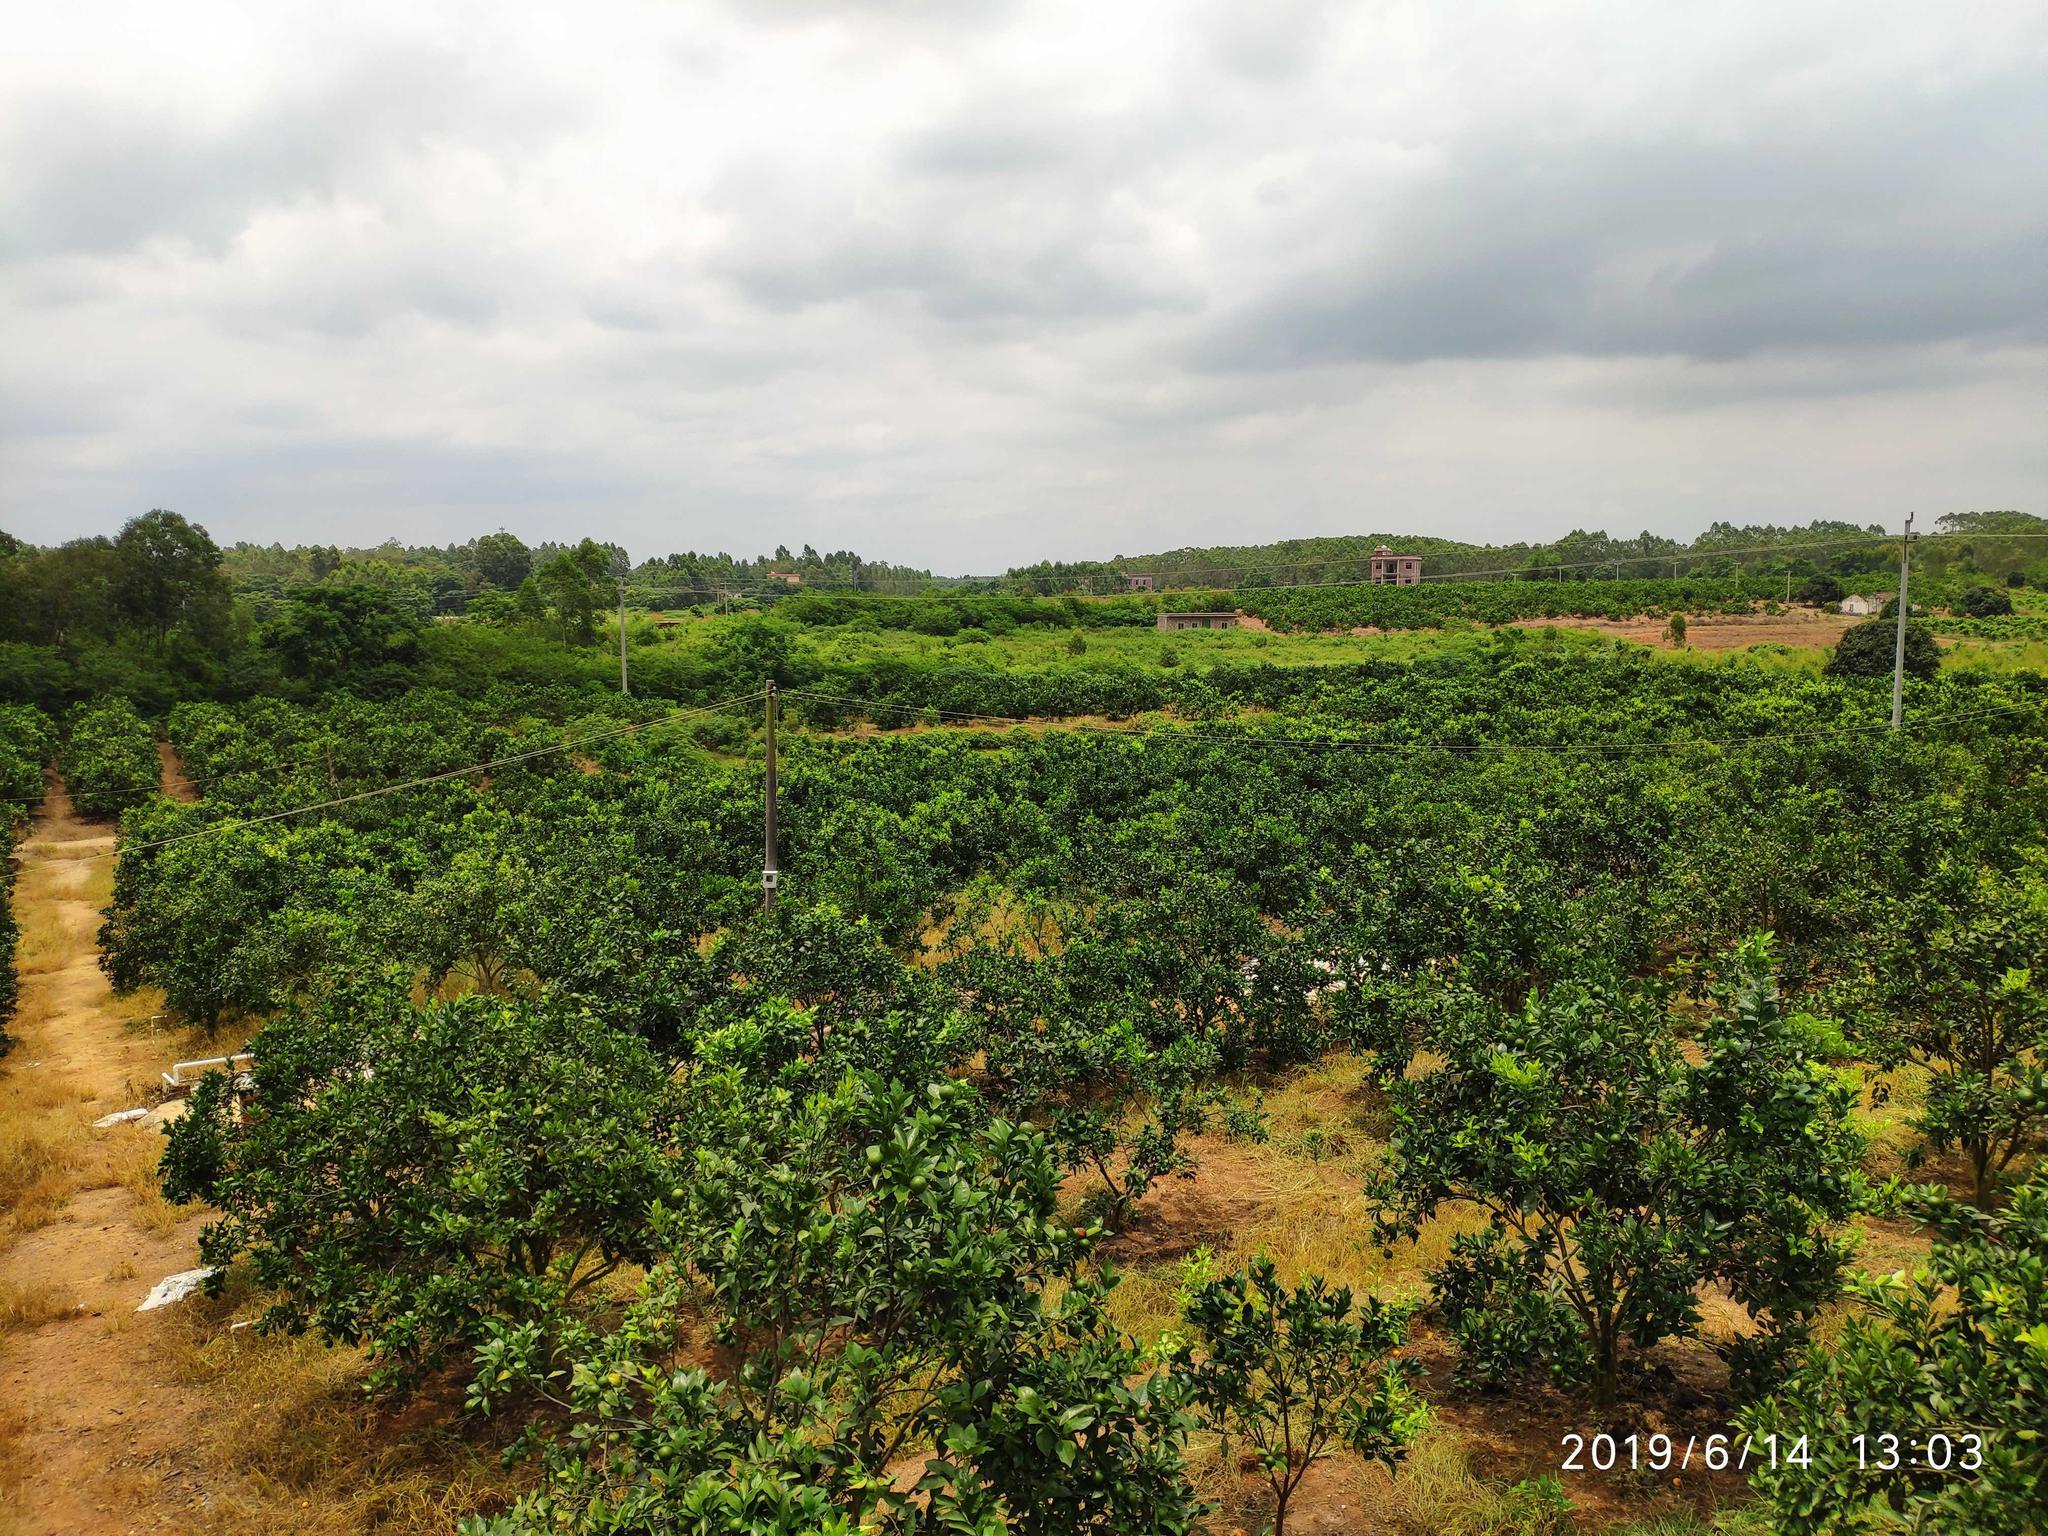 2019六月中旬:正宗红江橙已经进入最佳成长期,跟着小编脚步一起欣赏下图片